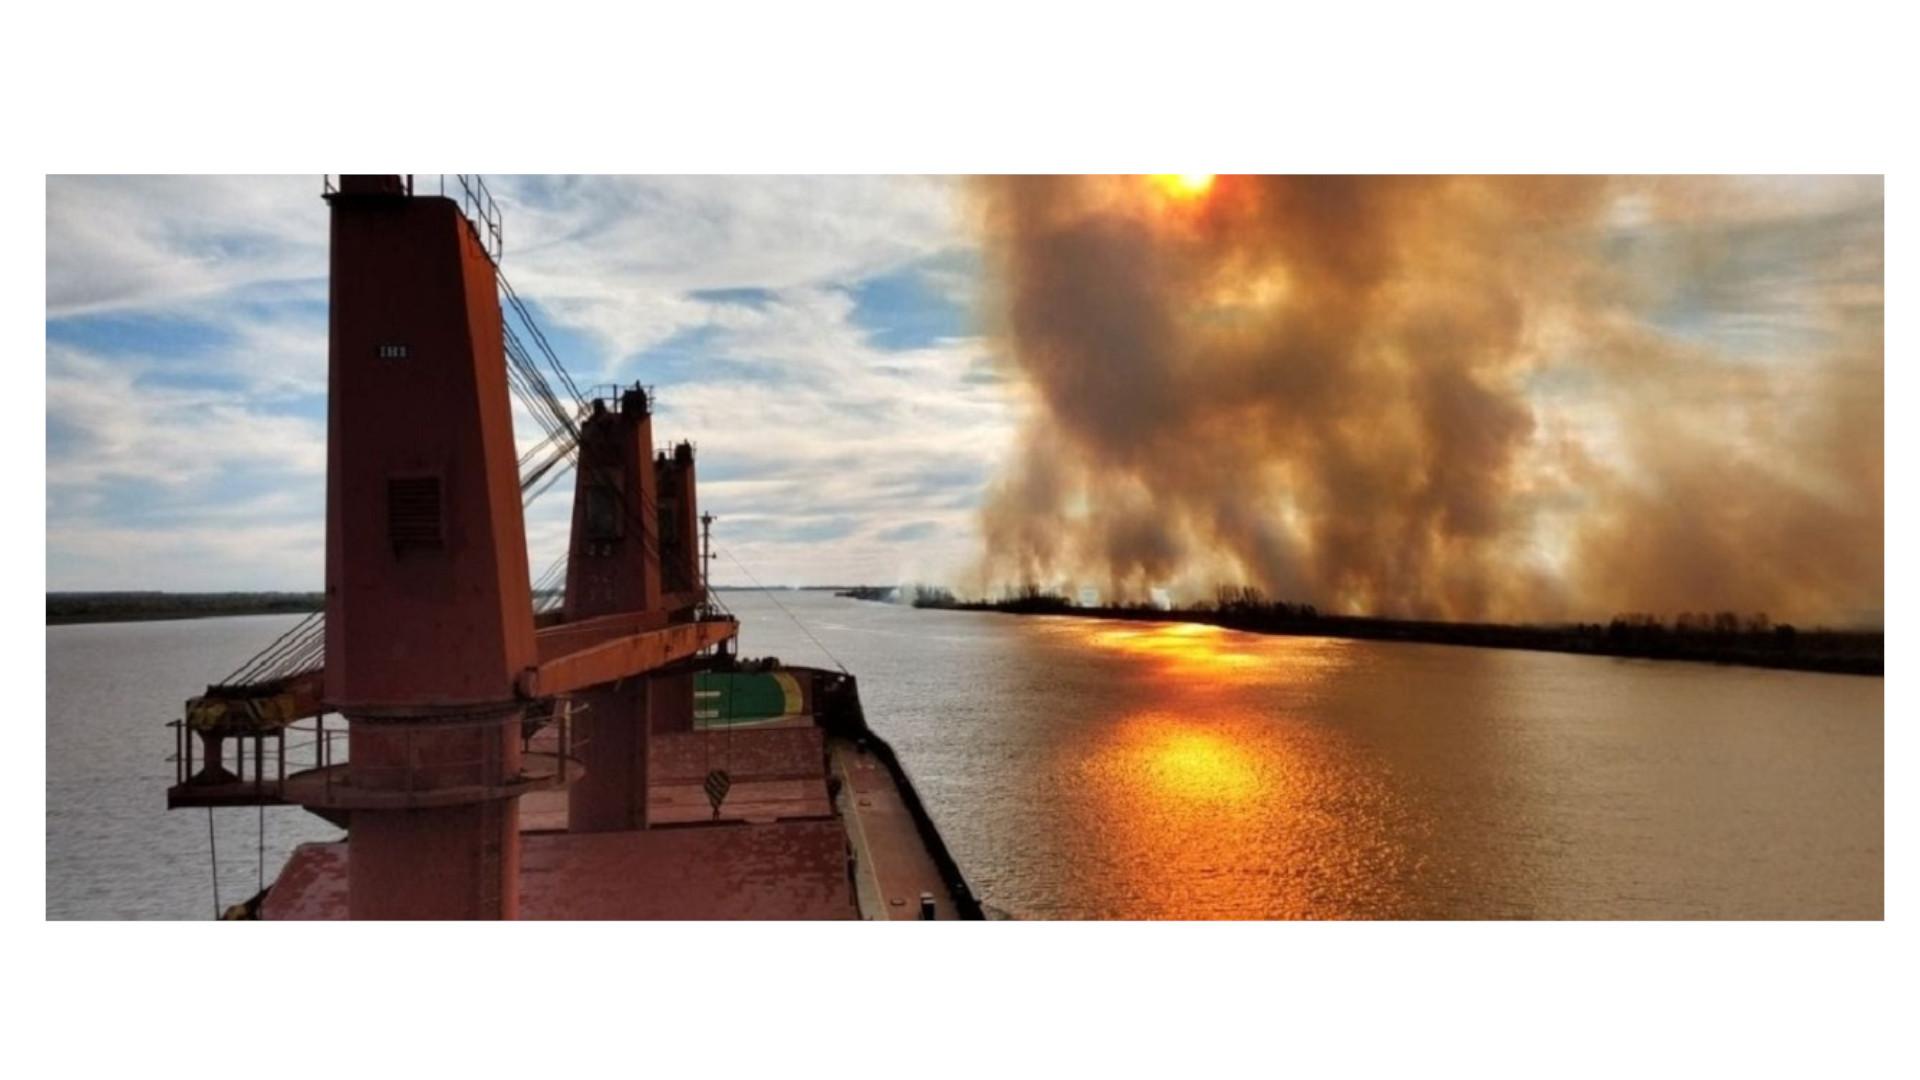 Tajos de la economía extractiva: los humedales del Paraná bajo fuego